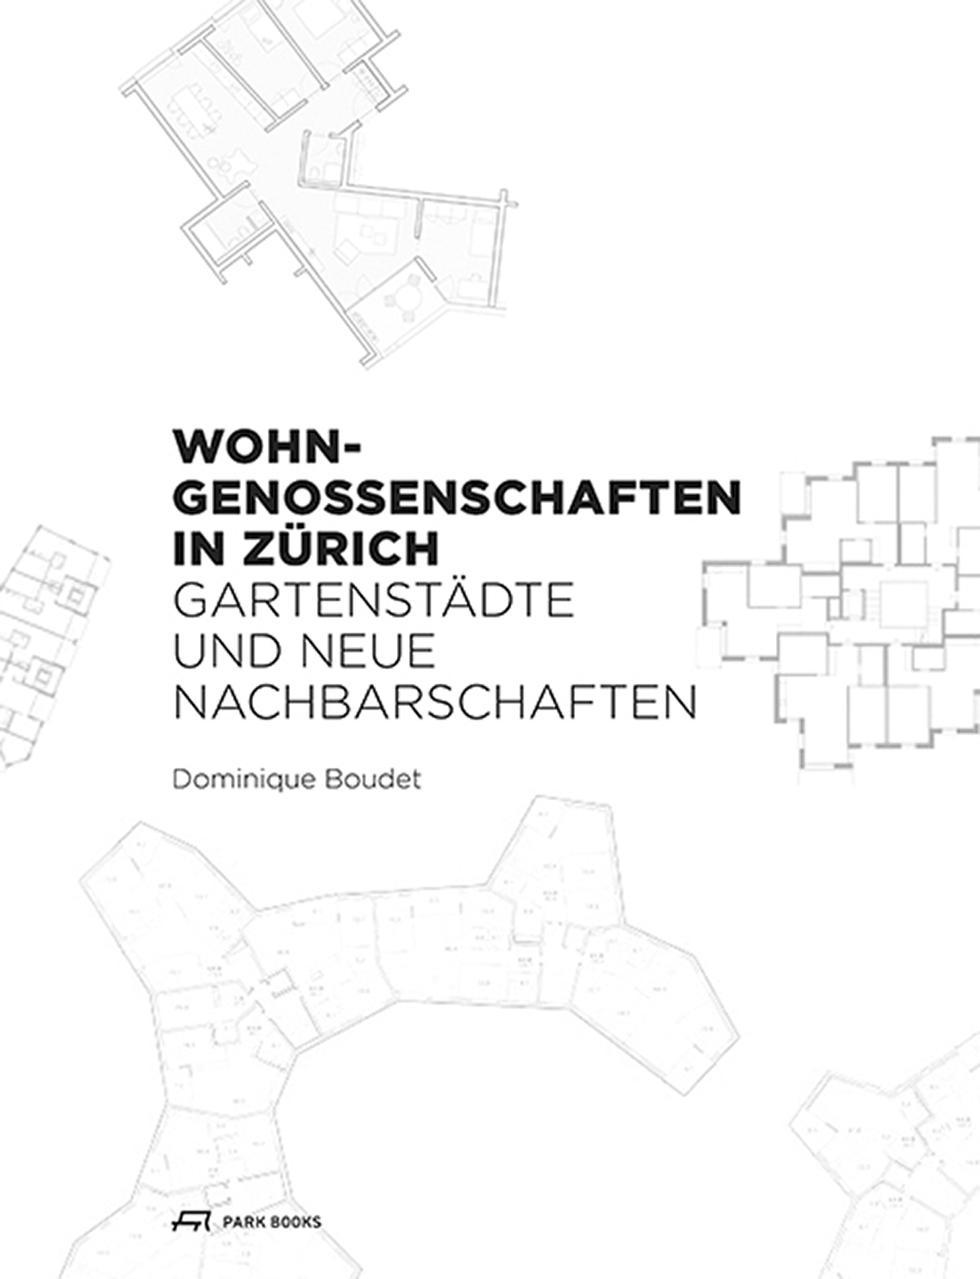 Wohngenossenschaften in Zürich – Gartenstädte und neue Nachbarschaften